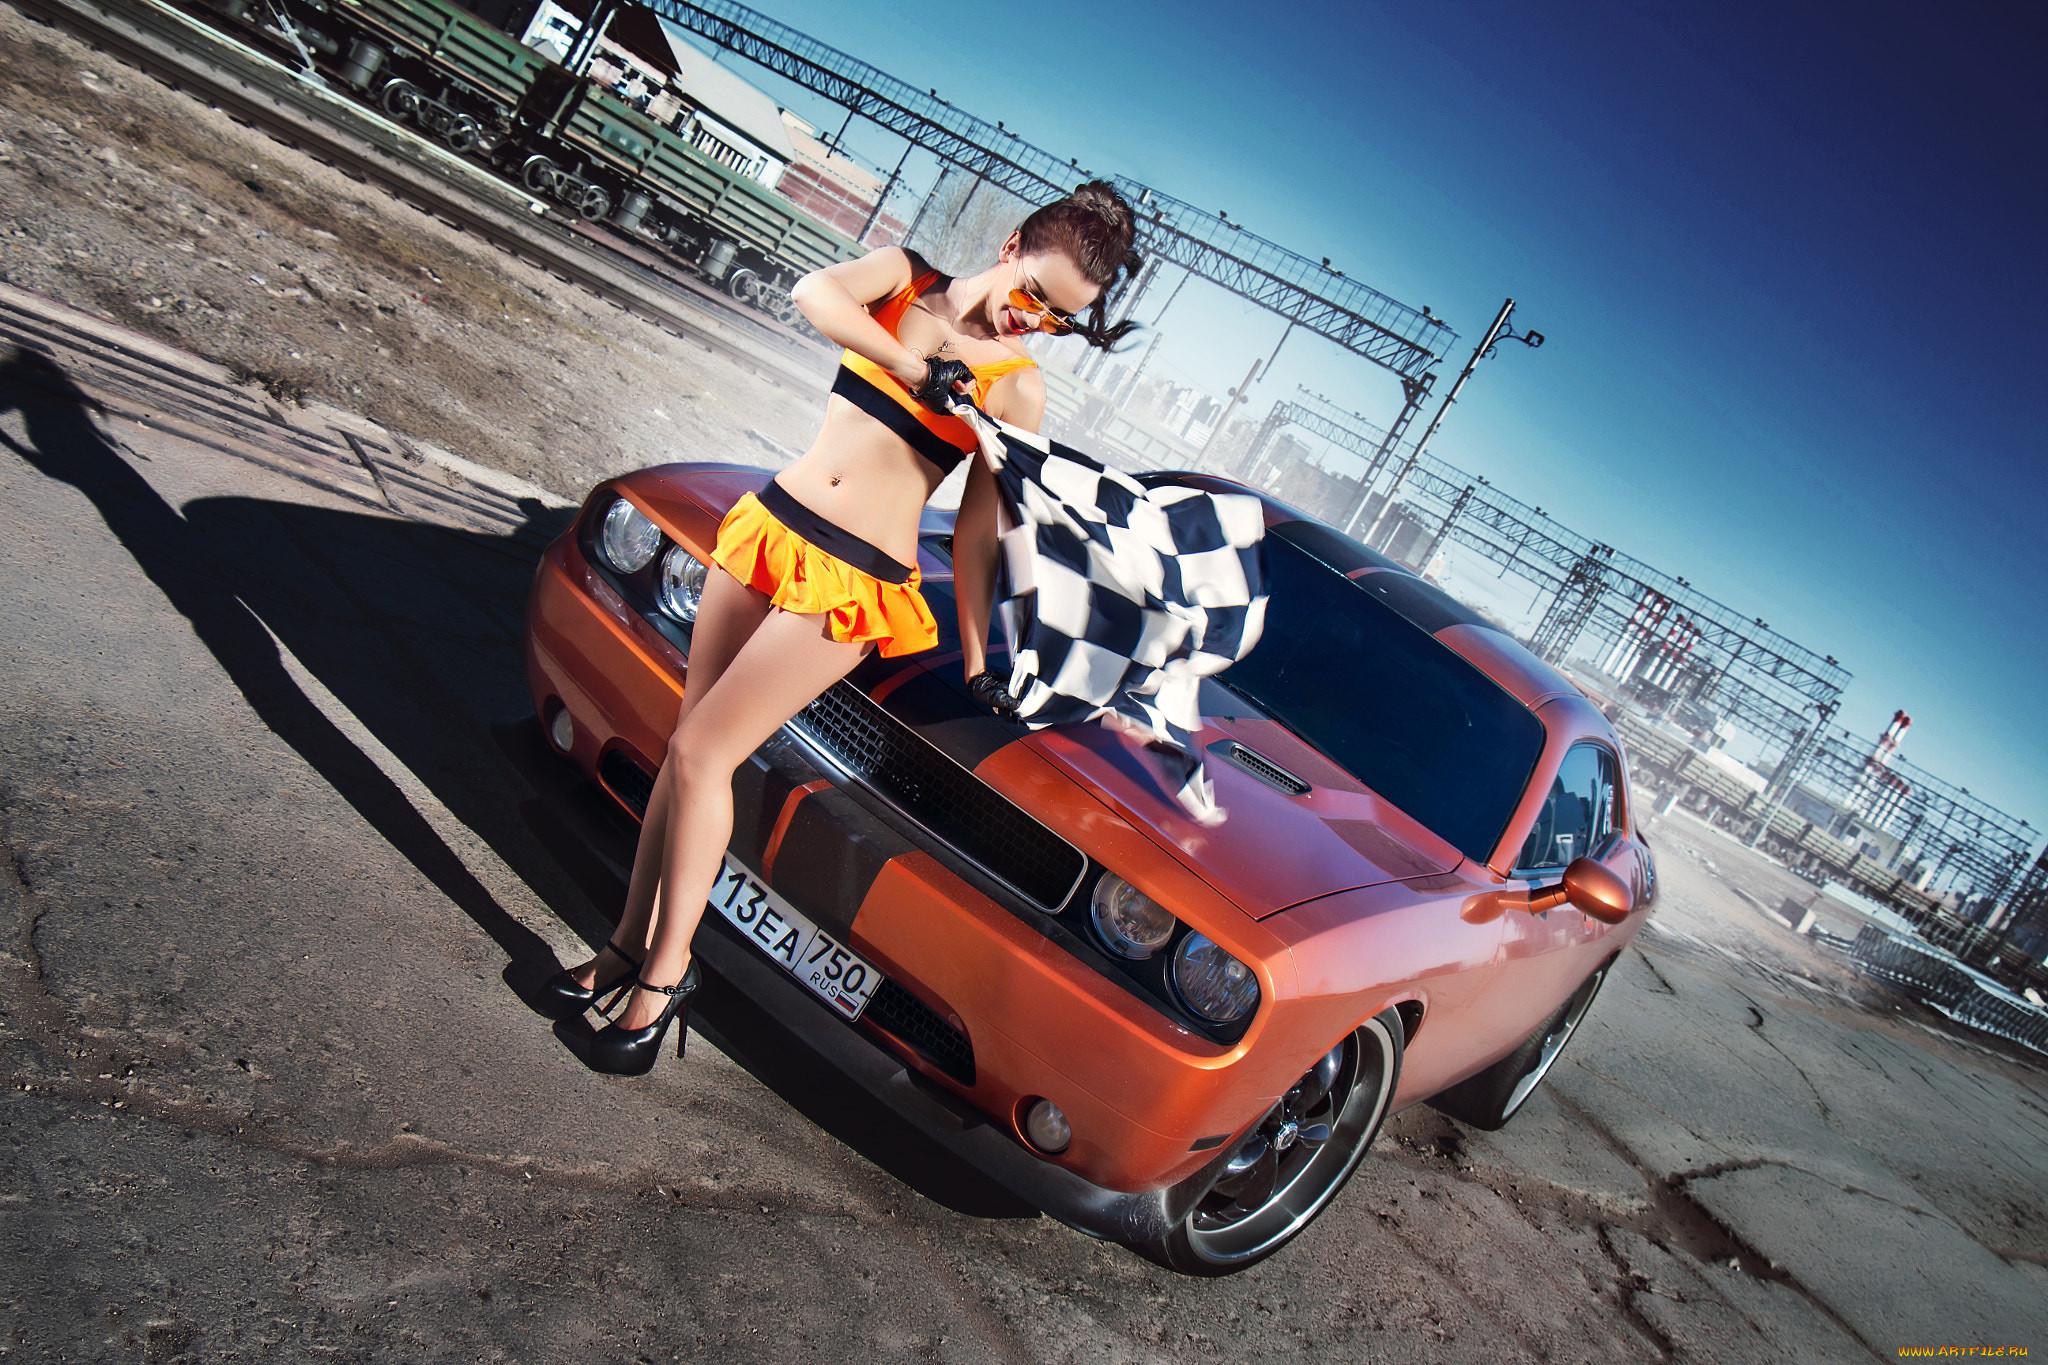 Фотосессия с машиной на гонках